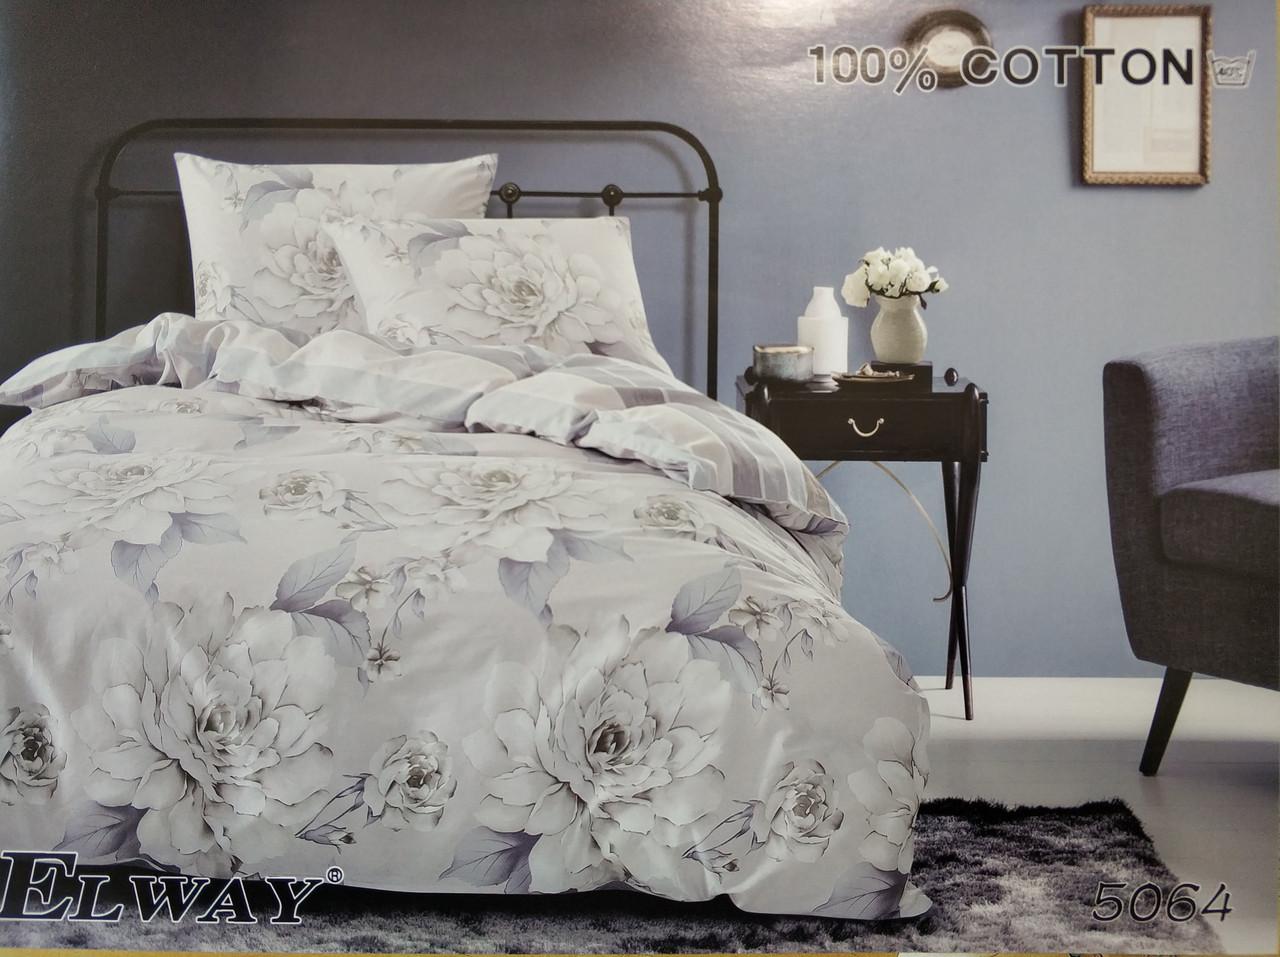 Сатиновое постельное белье полуторное ELWAY 5064 «Розы»